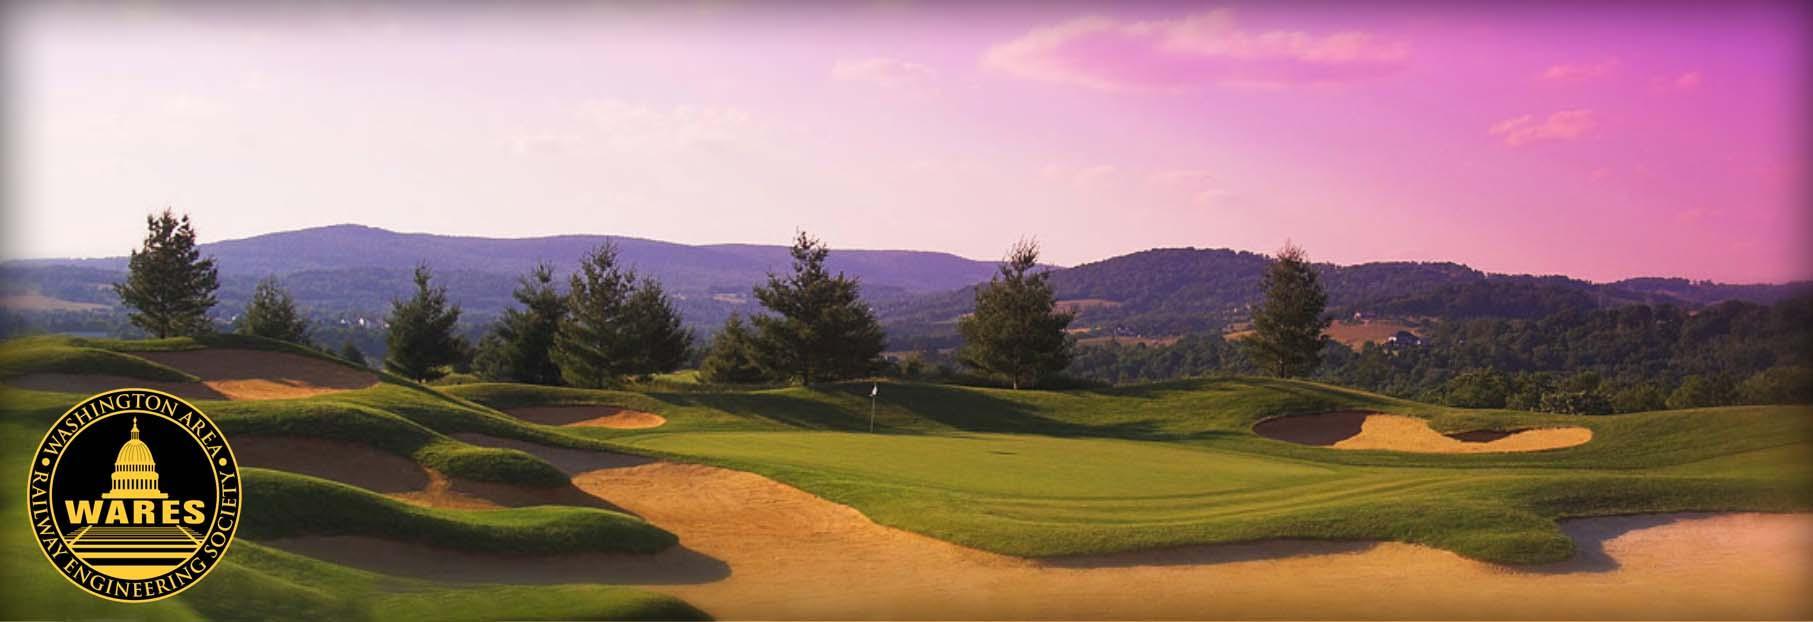 W.A.R.E.S - 31st Annual Golf Outing